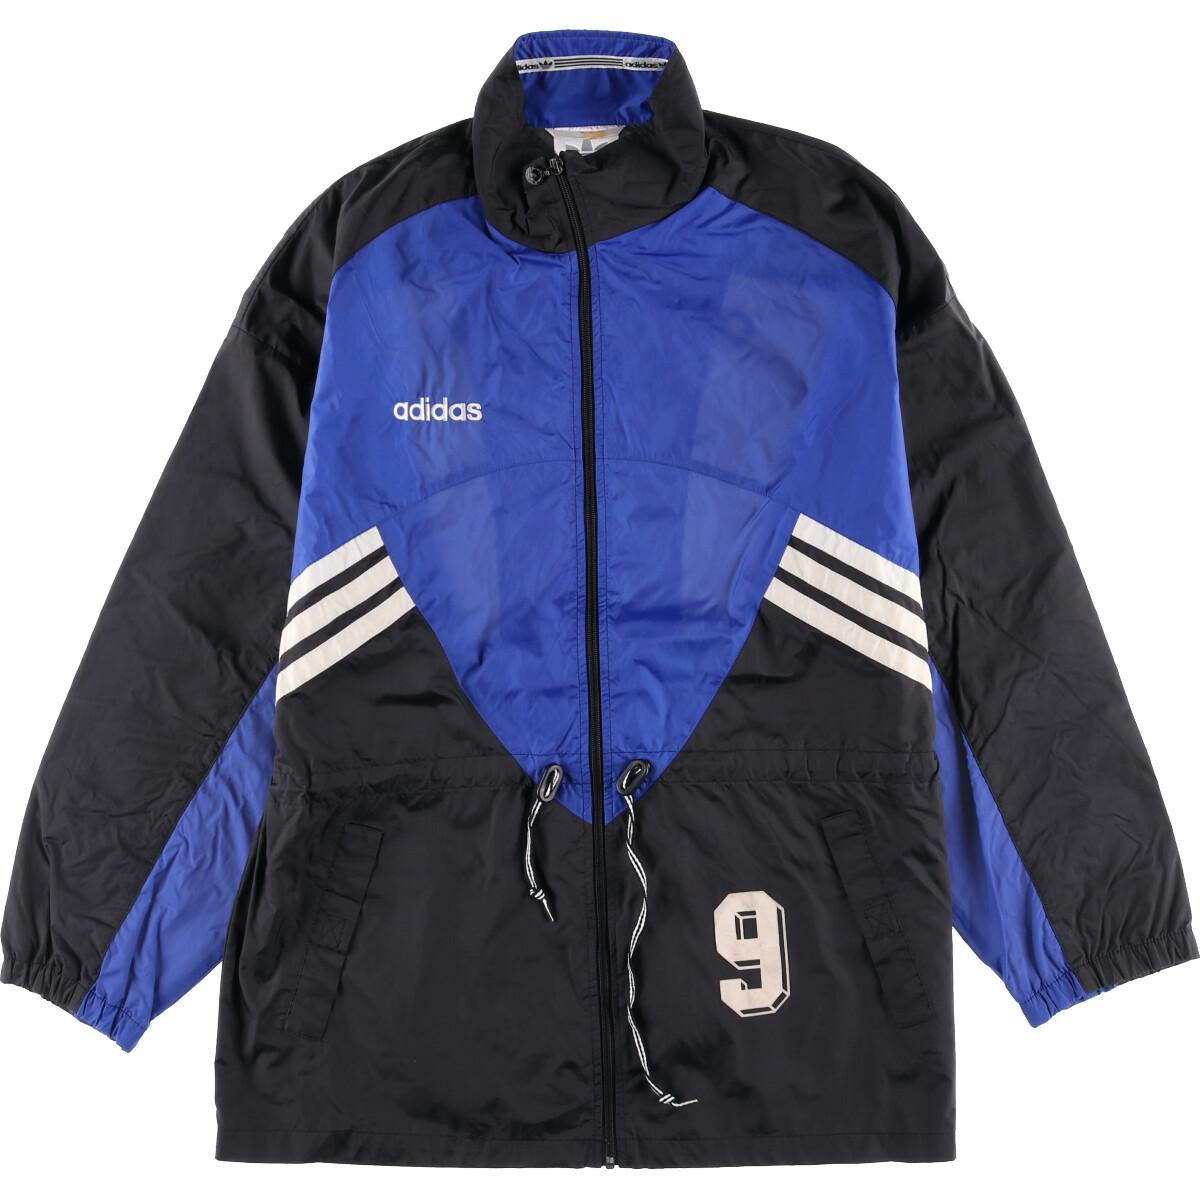 80~90年代 アディダス adidas ナンバリング バックプリント フロッキープリント ナイロンジャケット メンズXL ヴィンテージ /eaa024568  【200507】:古着屋JAM